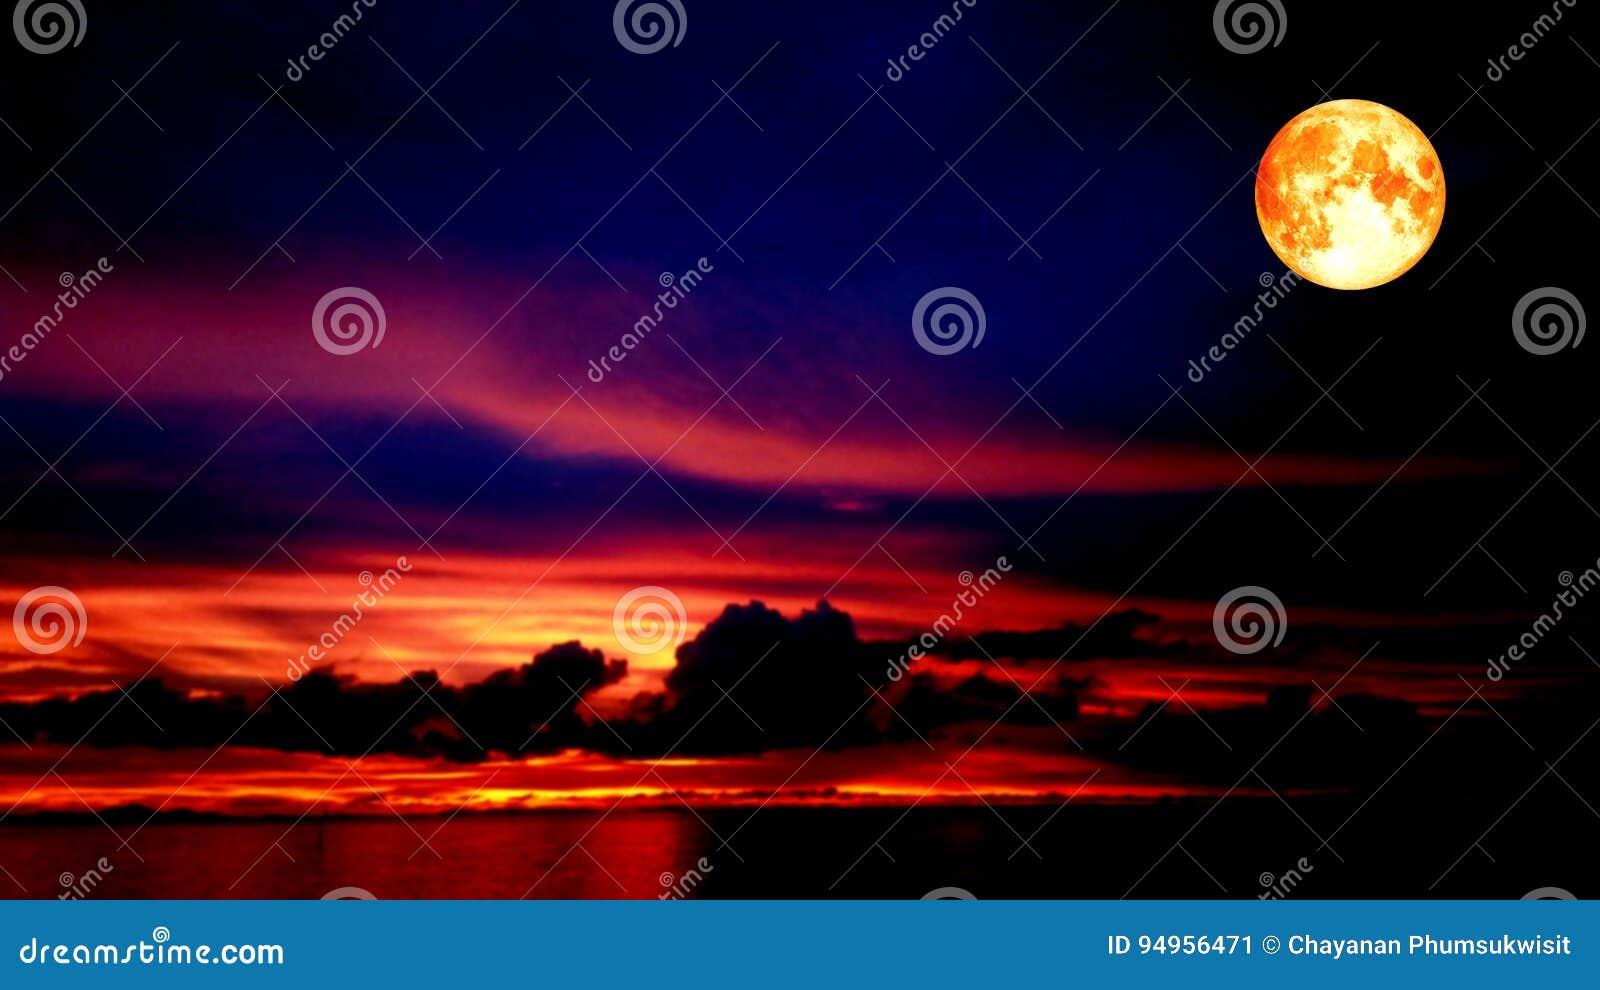 Cielo Rosso Di Notte.Luna Del Sangue E Cielo Rosso Nella Notte Immagine Stock